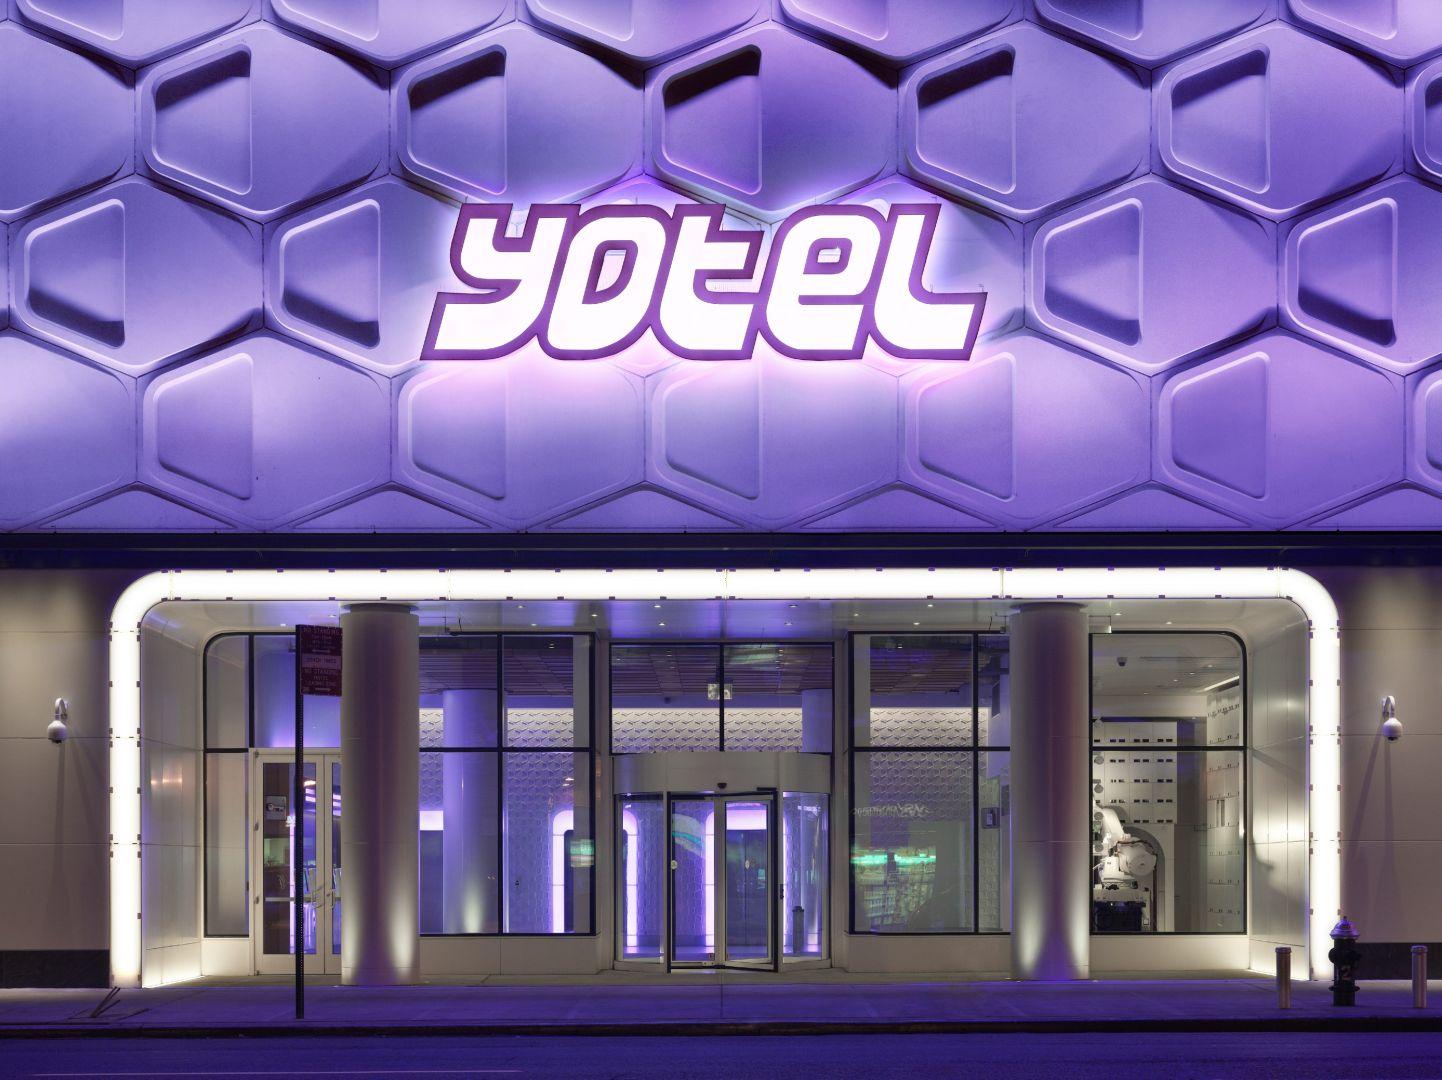 Hotels-Yotel-2